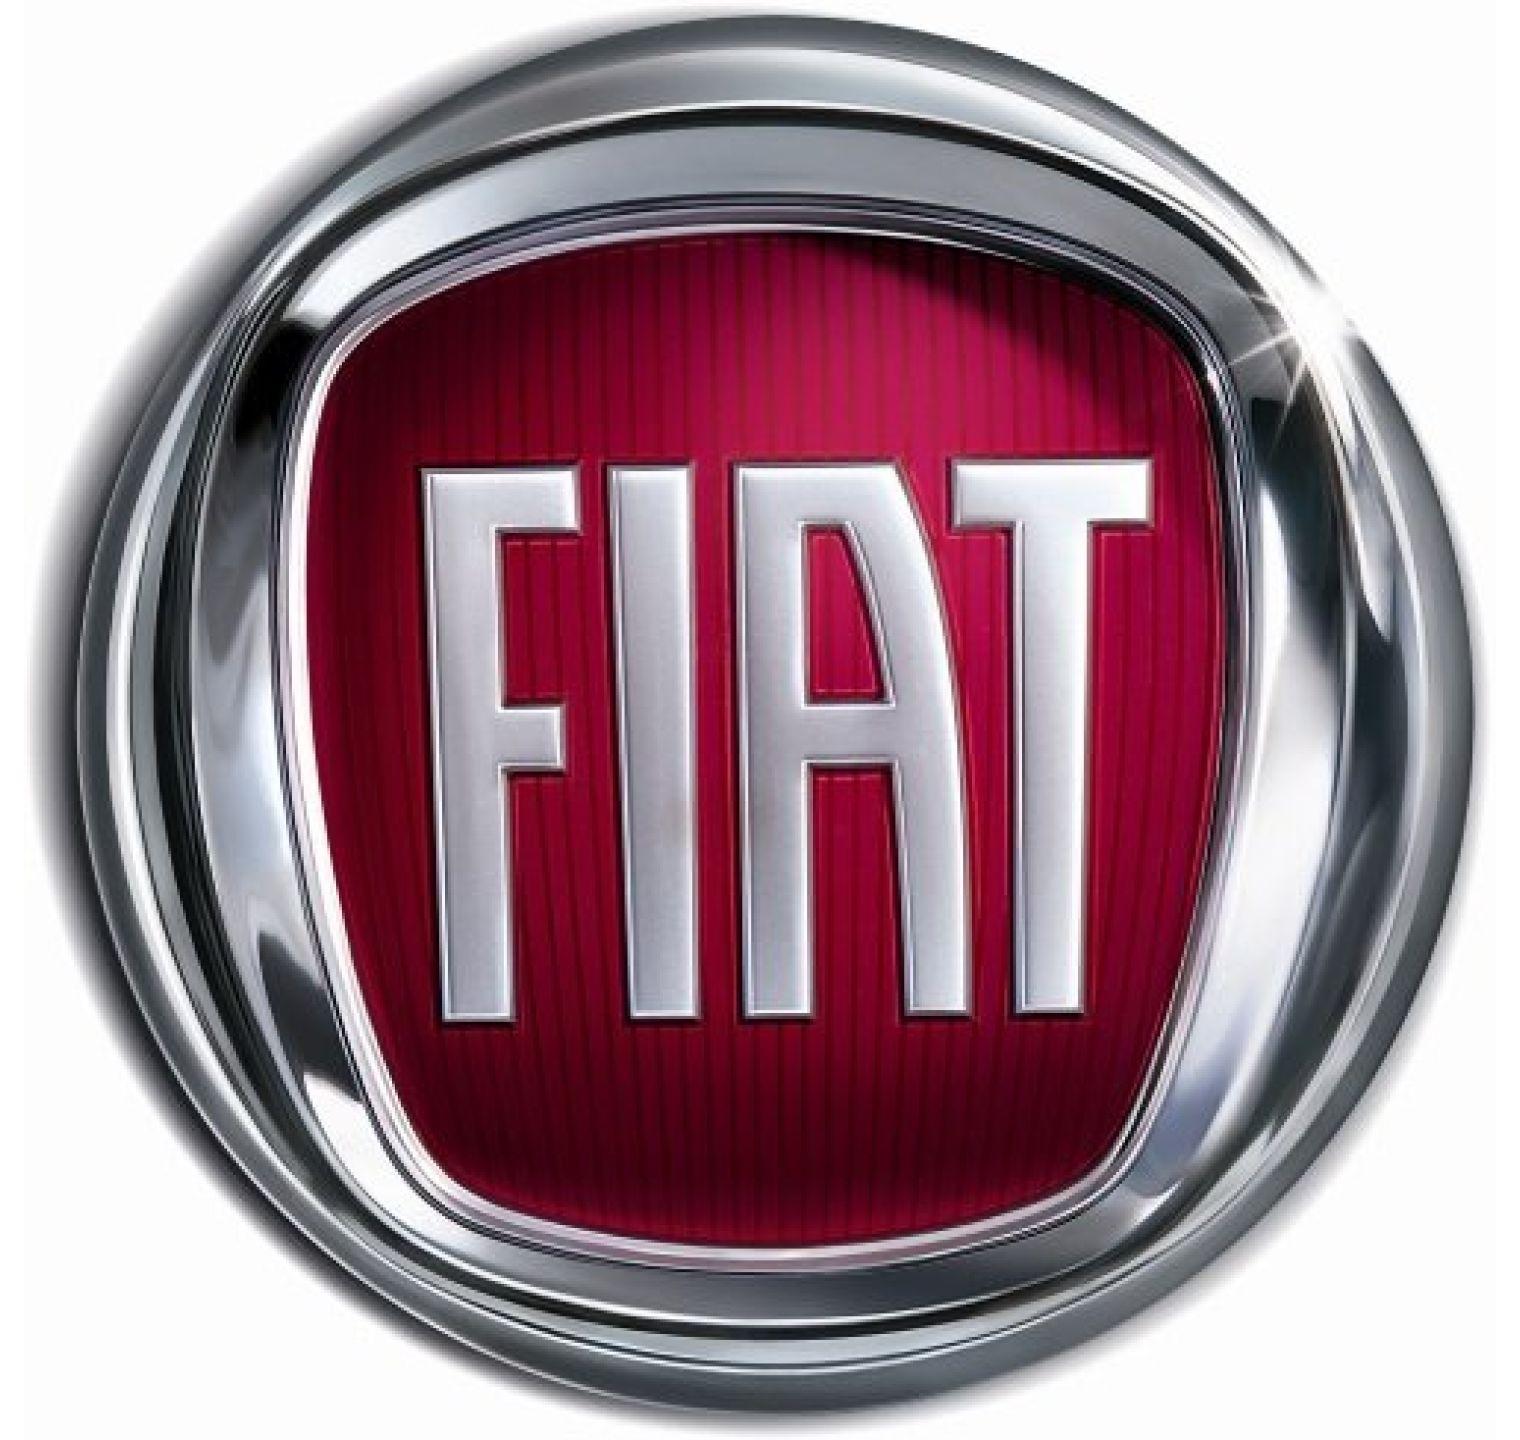 Fiat Punto Evo (2008 t/m 2011) - achterruitenwisser Valeo Silencio flatblade